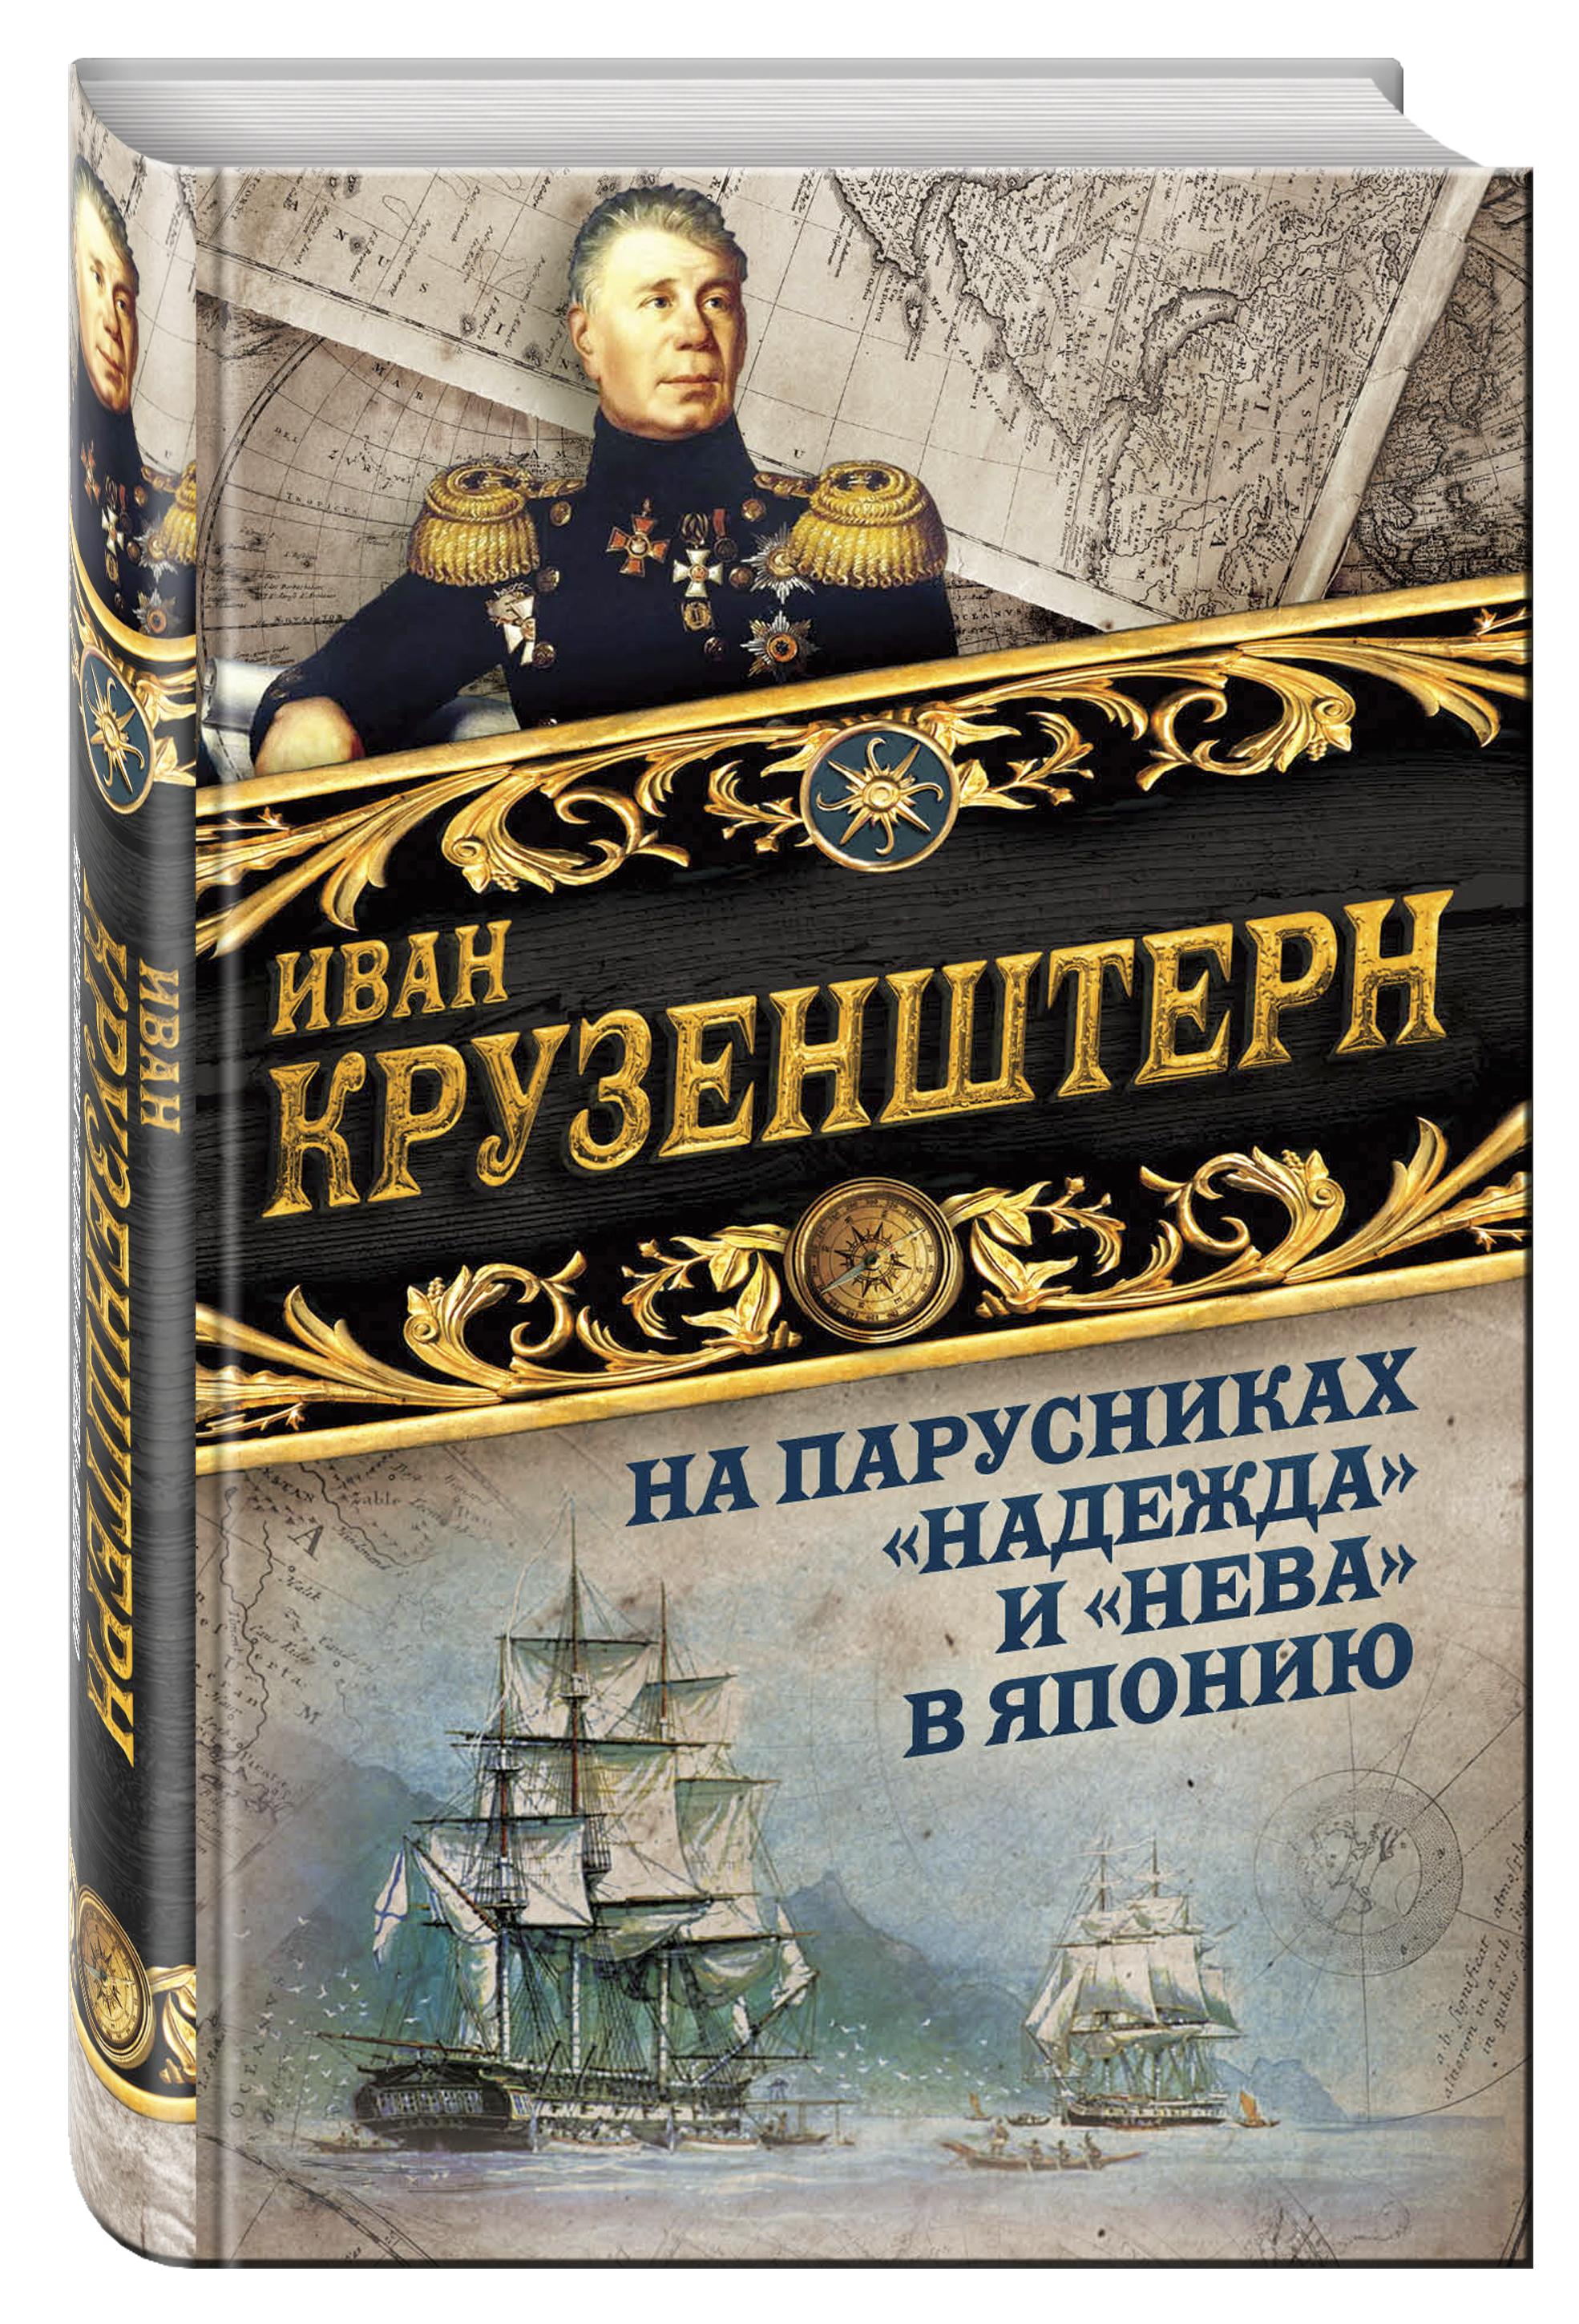 На парусниках «Надежда» и «Нева» в Японию. Первое кругосветное плаванье российского флота